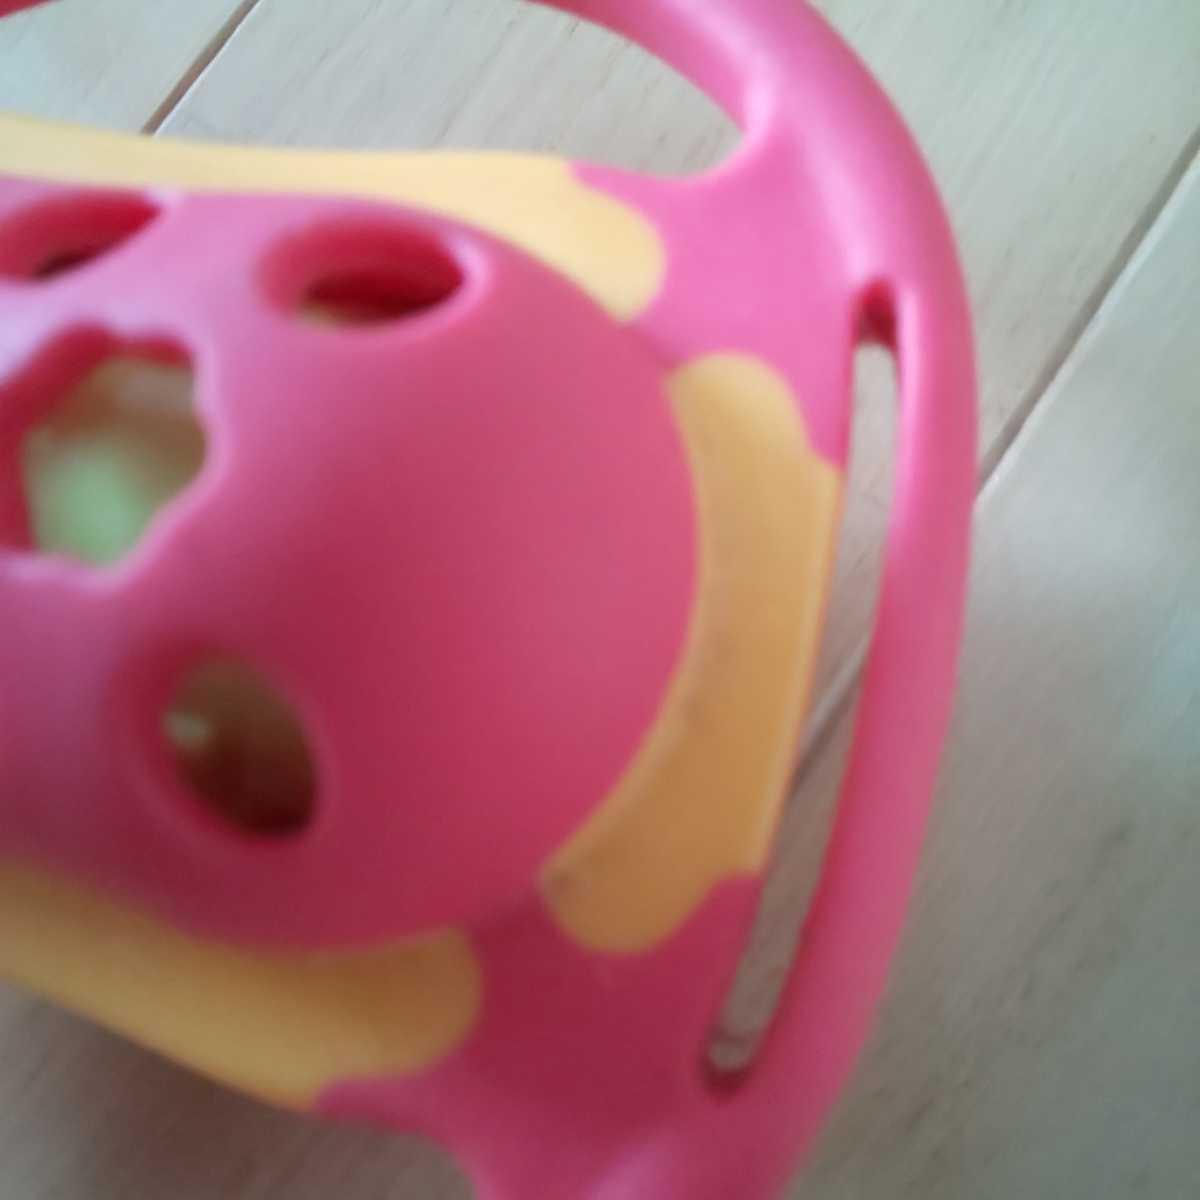 1円スタート! ガラガラ ベビーグッズ 赤ちゃんグッズ 赤ちゃんのおもちゃ 音のなるおもちゃ グッズ akichan7777jp_画像4